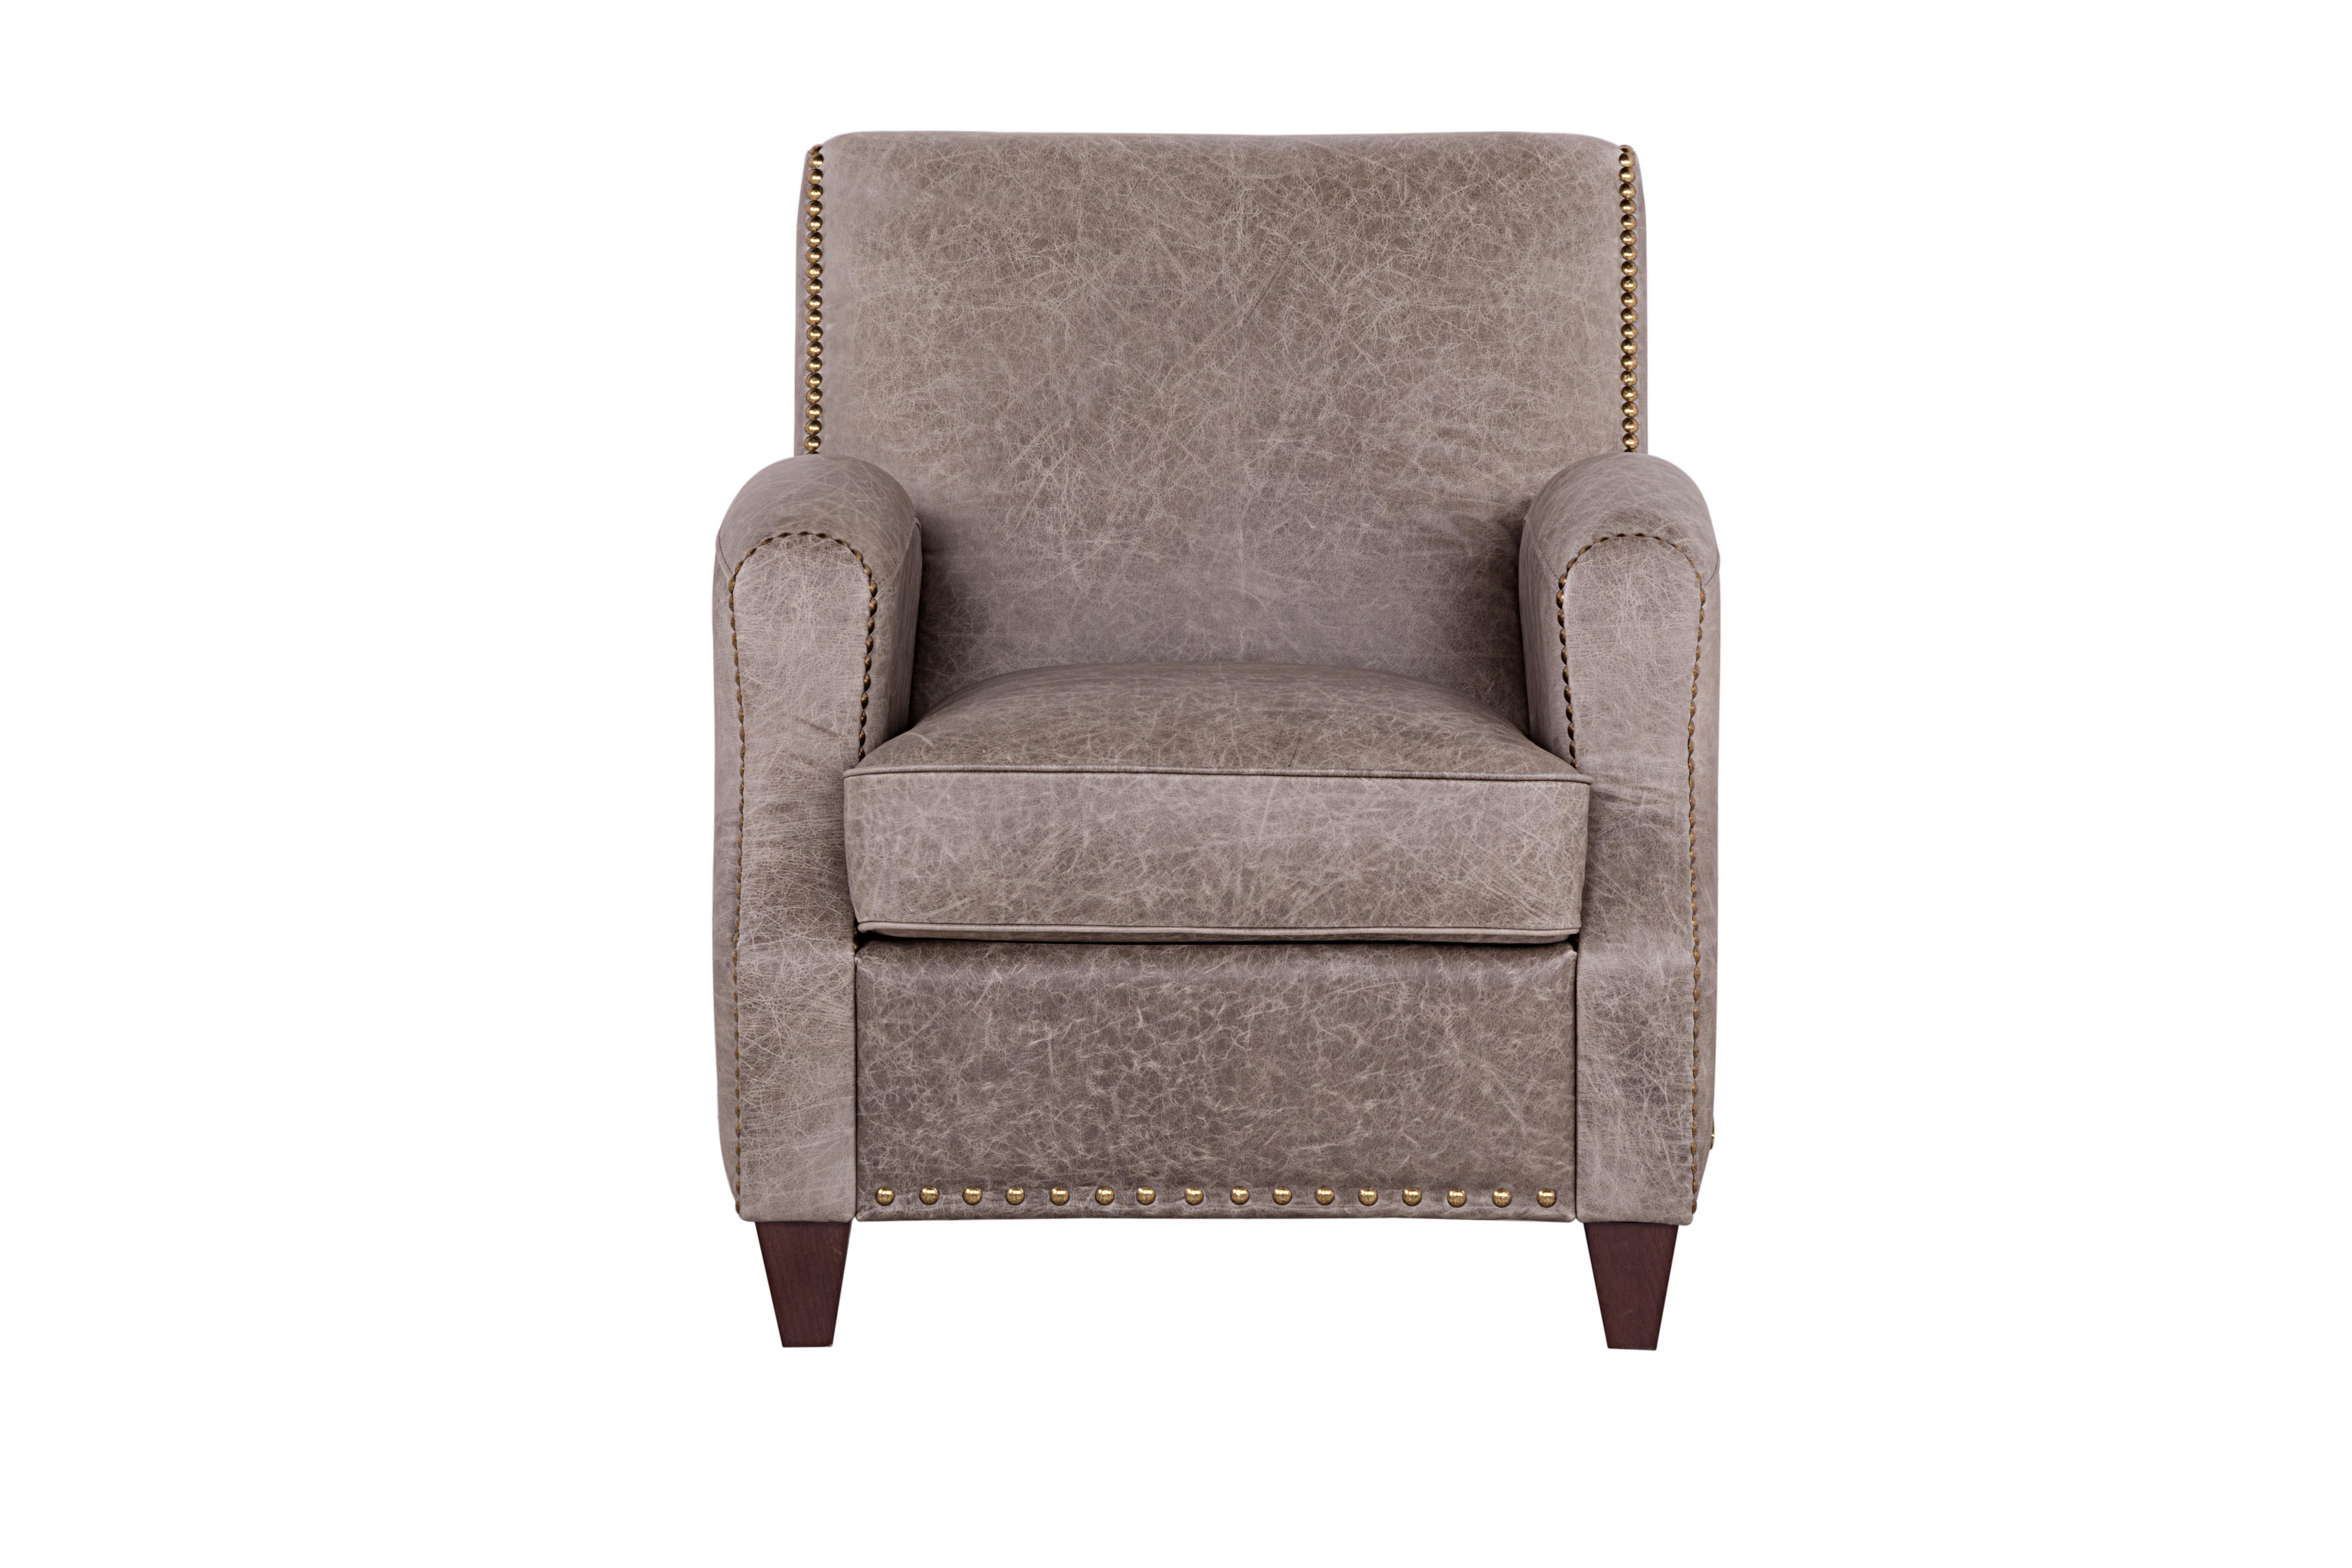 Кресло ШервудИнтерьерные кресла<br>Сам дух Британии царит в дизайне дивана «Шервуд». Культ традиций, строгость и внешнее спокойствие. И при этом буря страстей, свободолюбие и независимость, скрытые внутри. Компактный диван выполнен в лучший традициях Англии – идеальная форма и лучшее качество материалов. натуральная кожа, 100% кожа Vintage argento<br><br>Material: Кожа<br>Width см: 76<br>Depth см: 90<br>Height см: 87